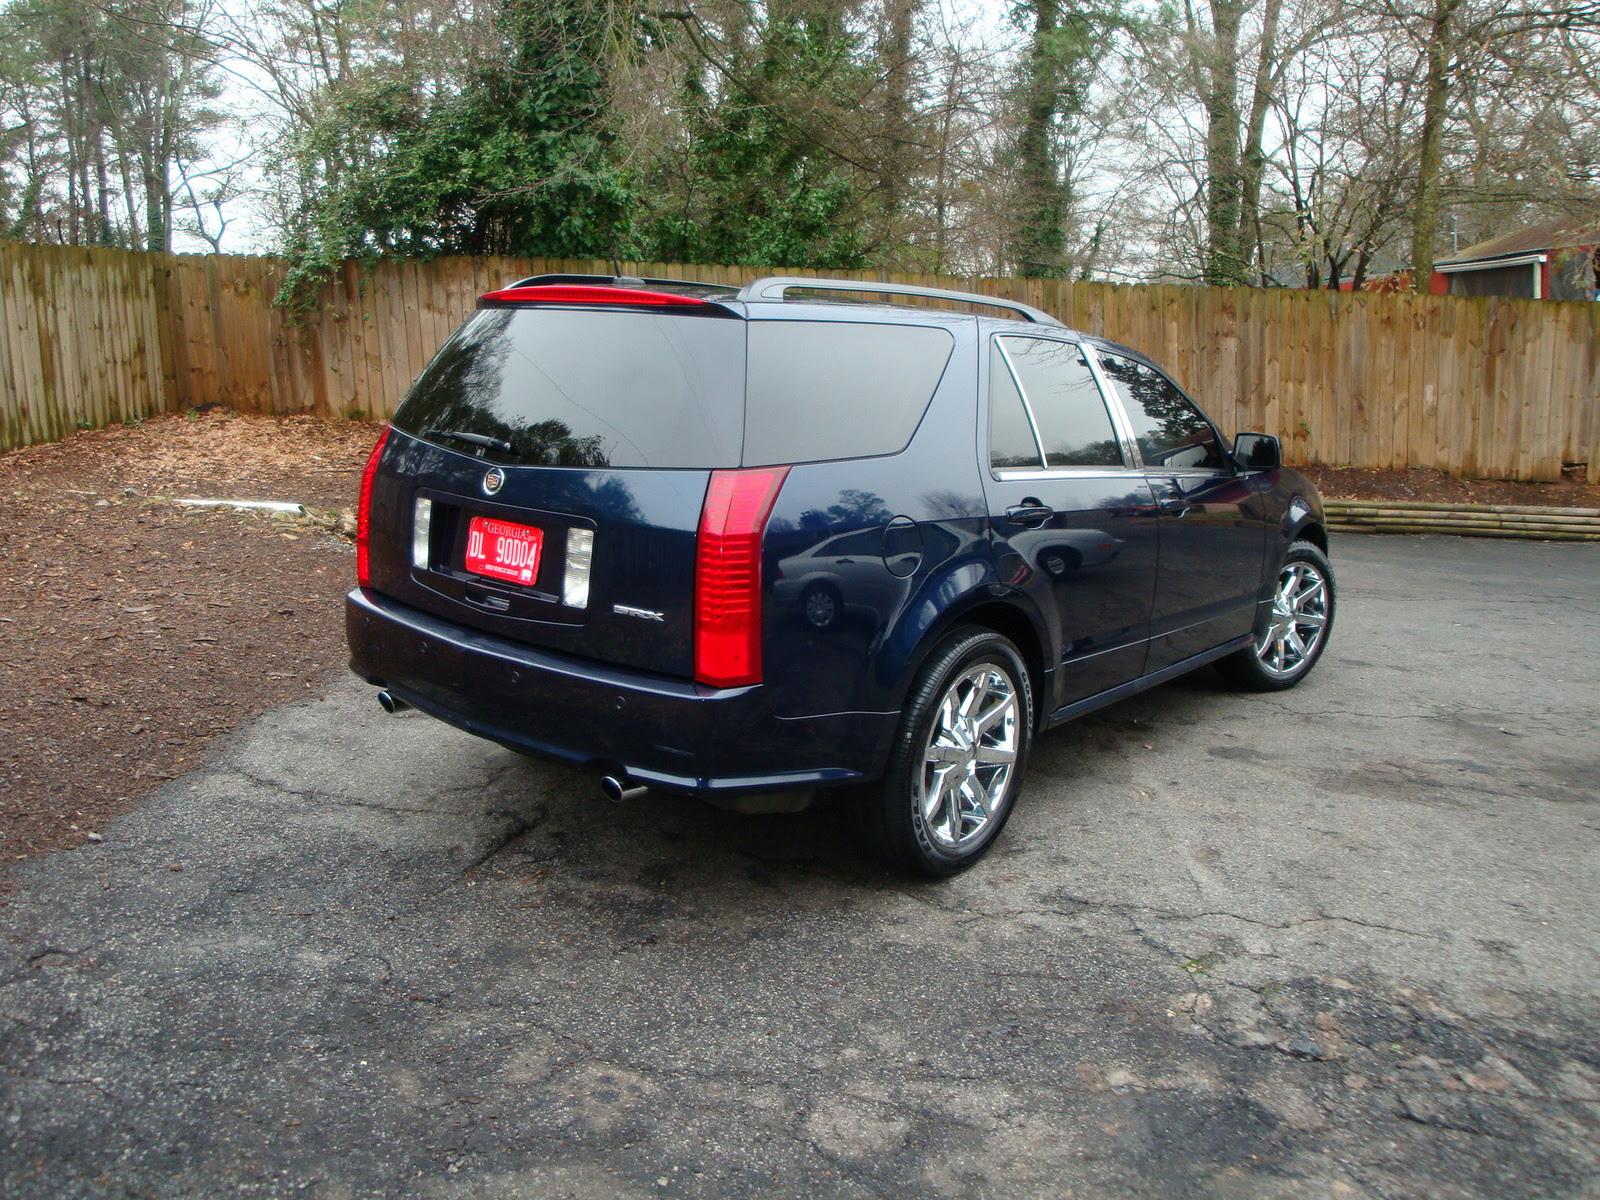 2005 Cadillac SRX - Pictures - CarGurus